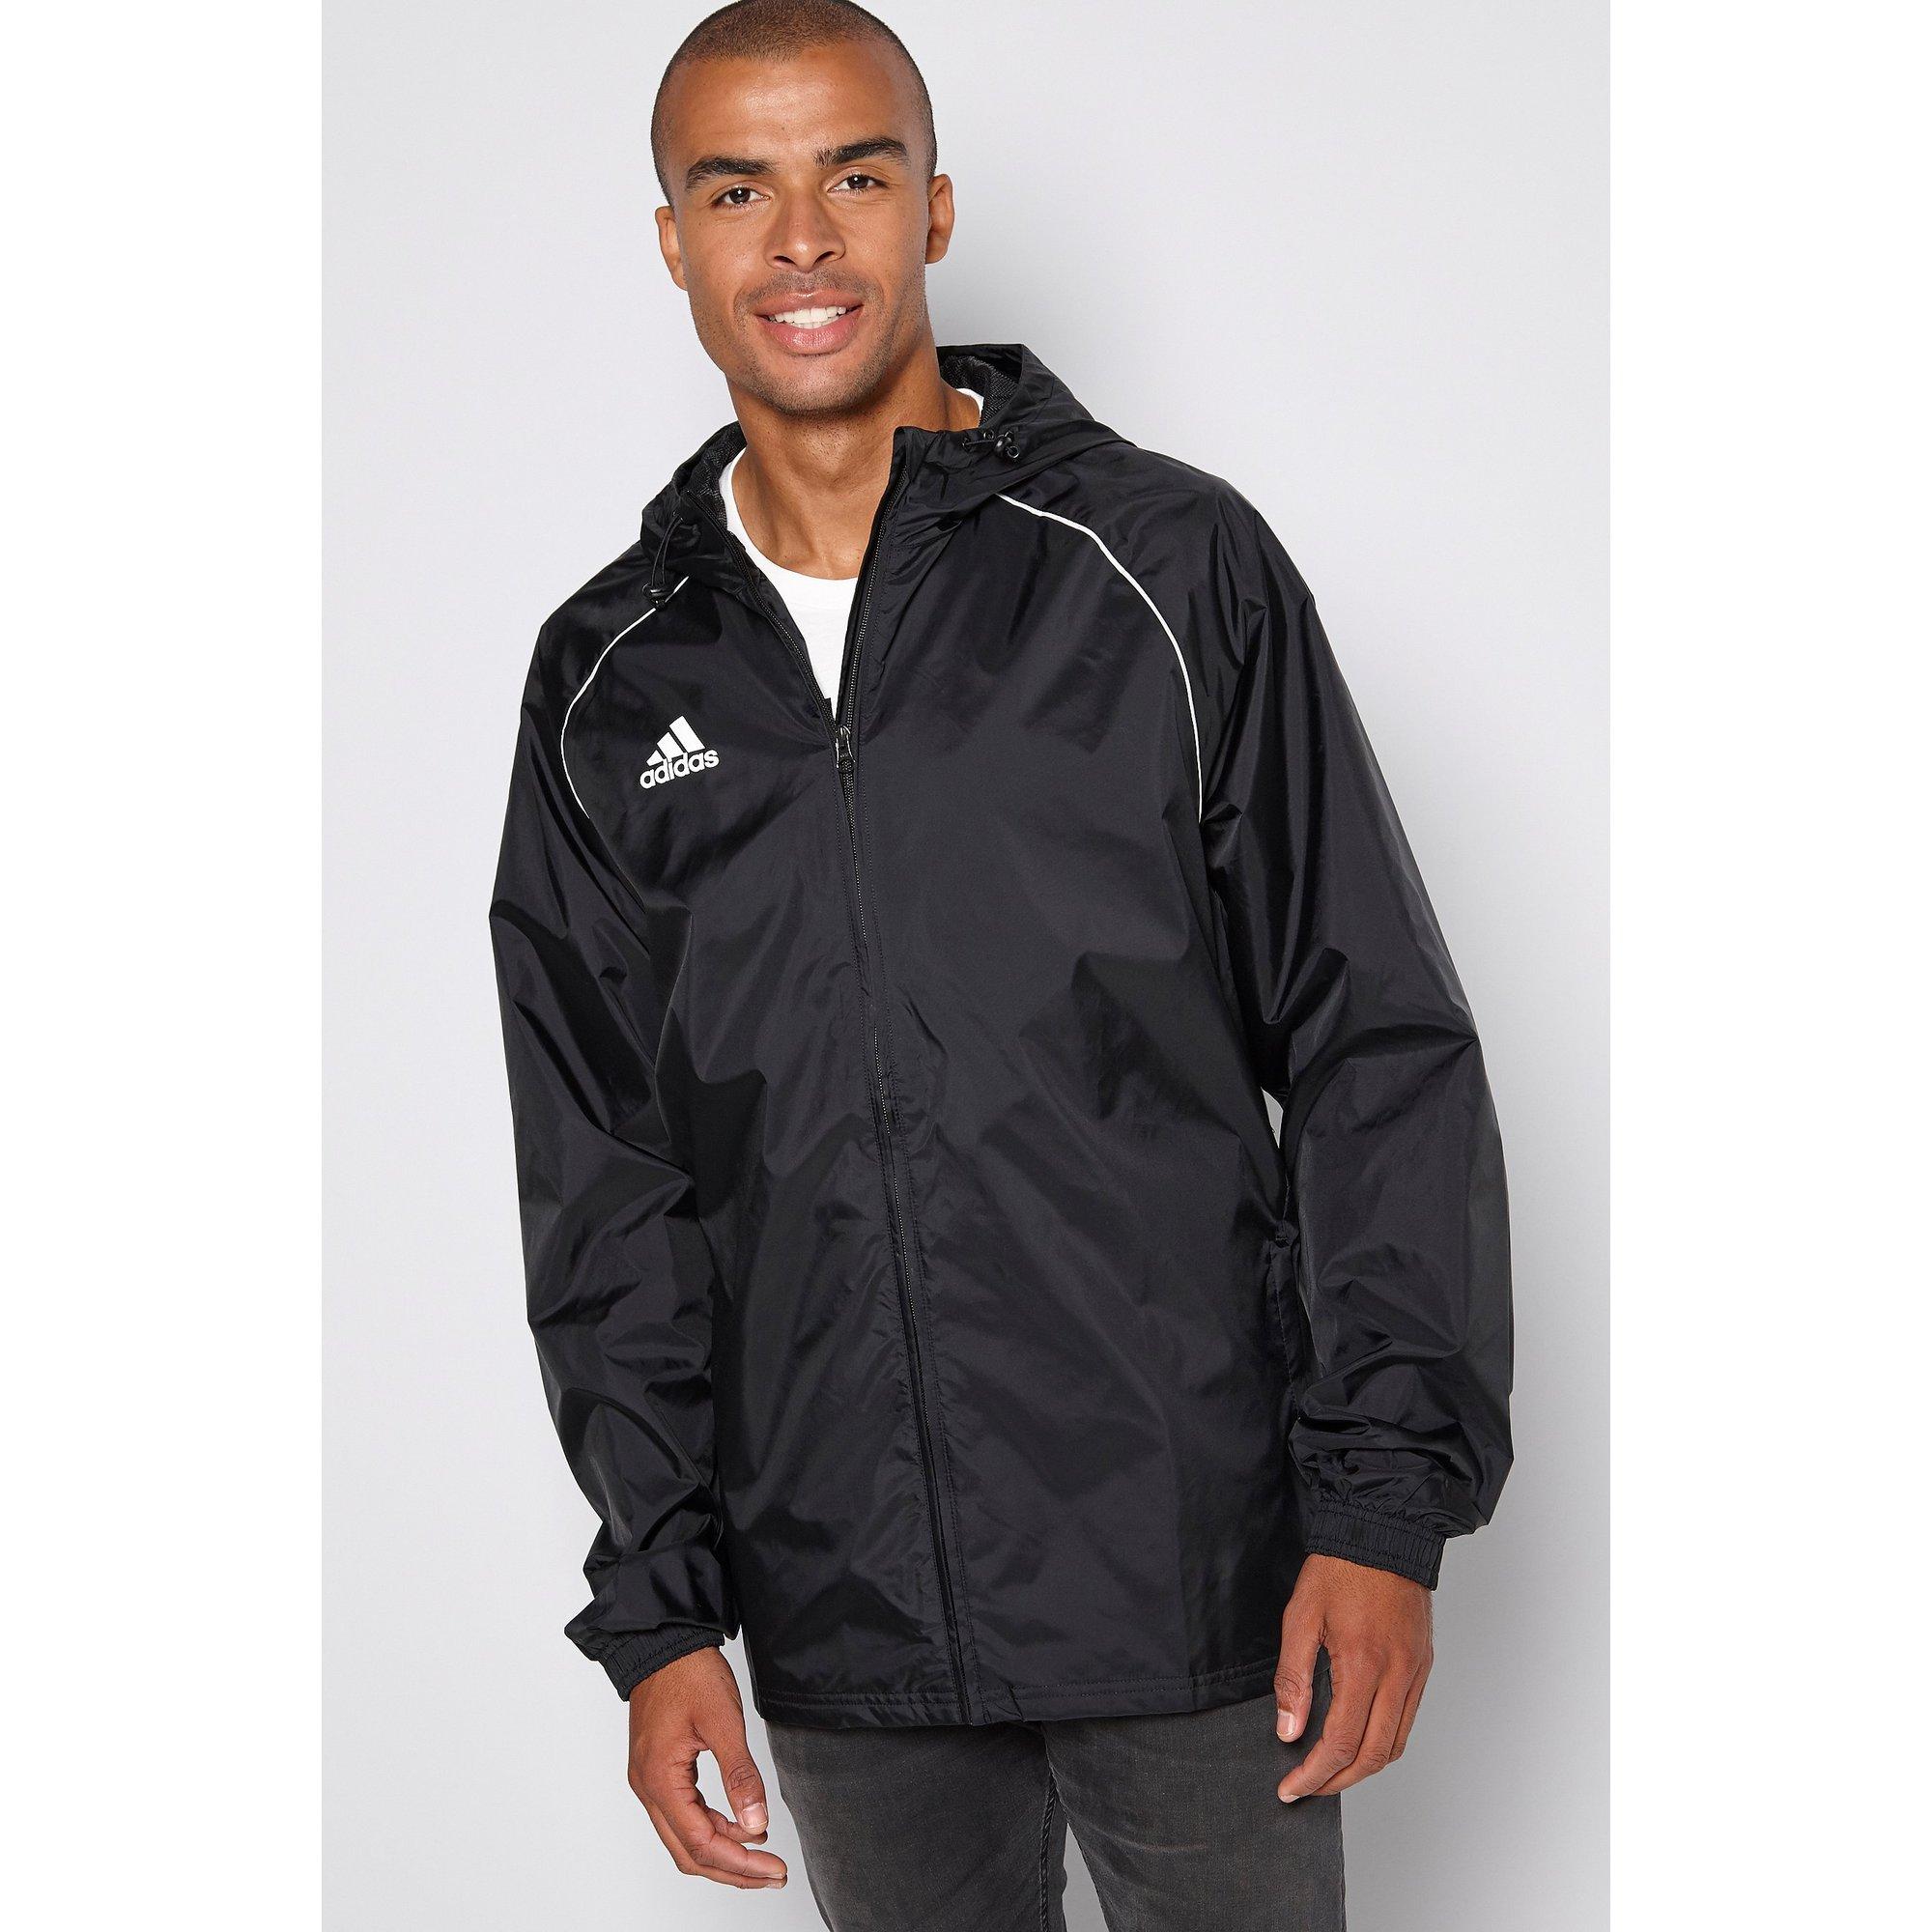 Image of adidas Core 18 Rain Jacket